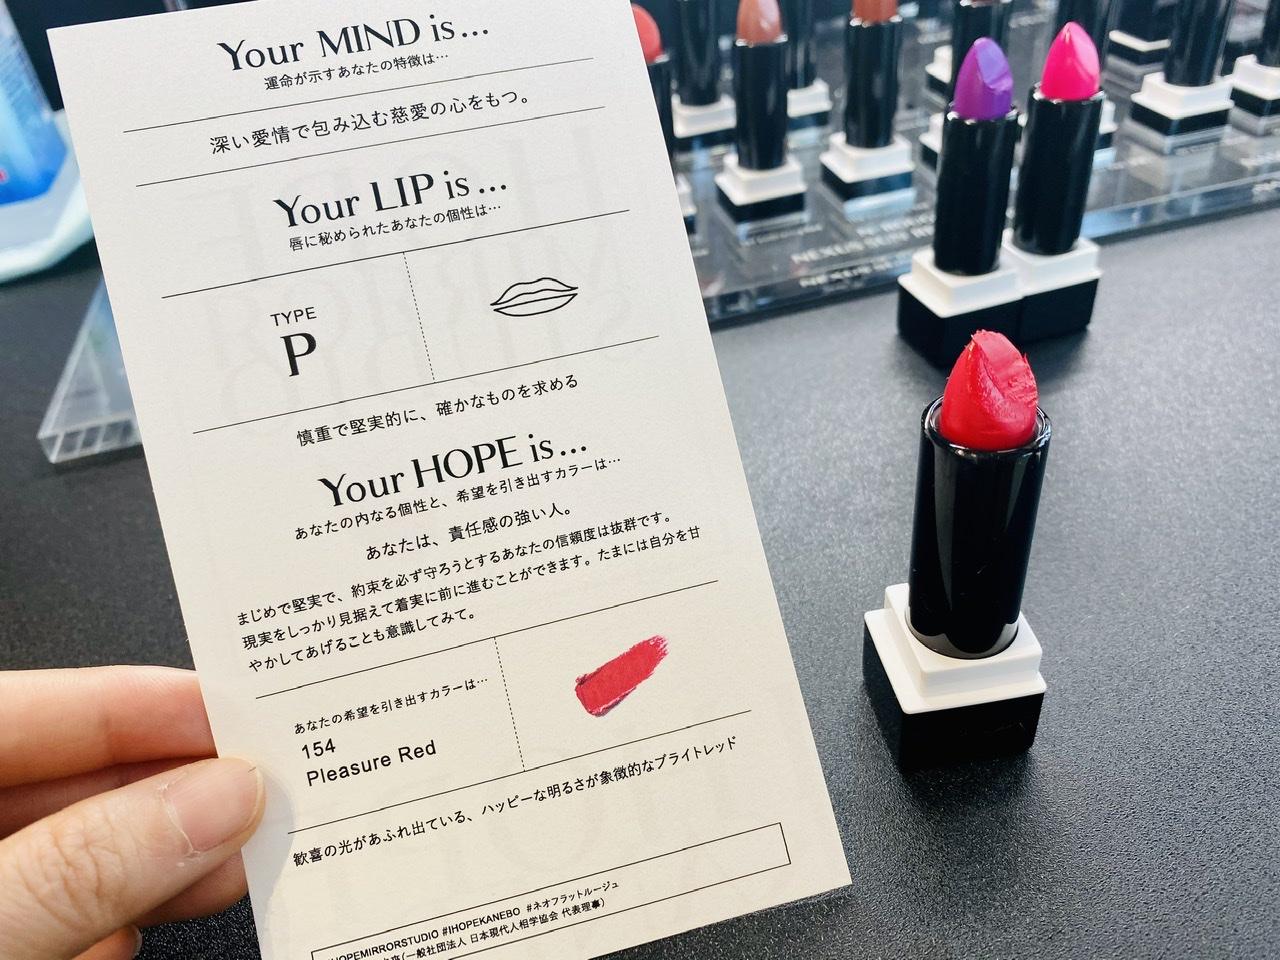 【KANEBO】お土産付★鏡に映るデジタルカラー診断がすごい!《春新作ルージュ》で唇から大変身♡_5